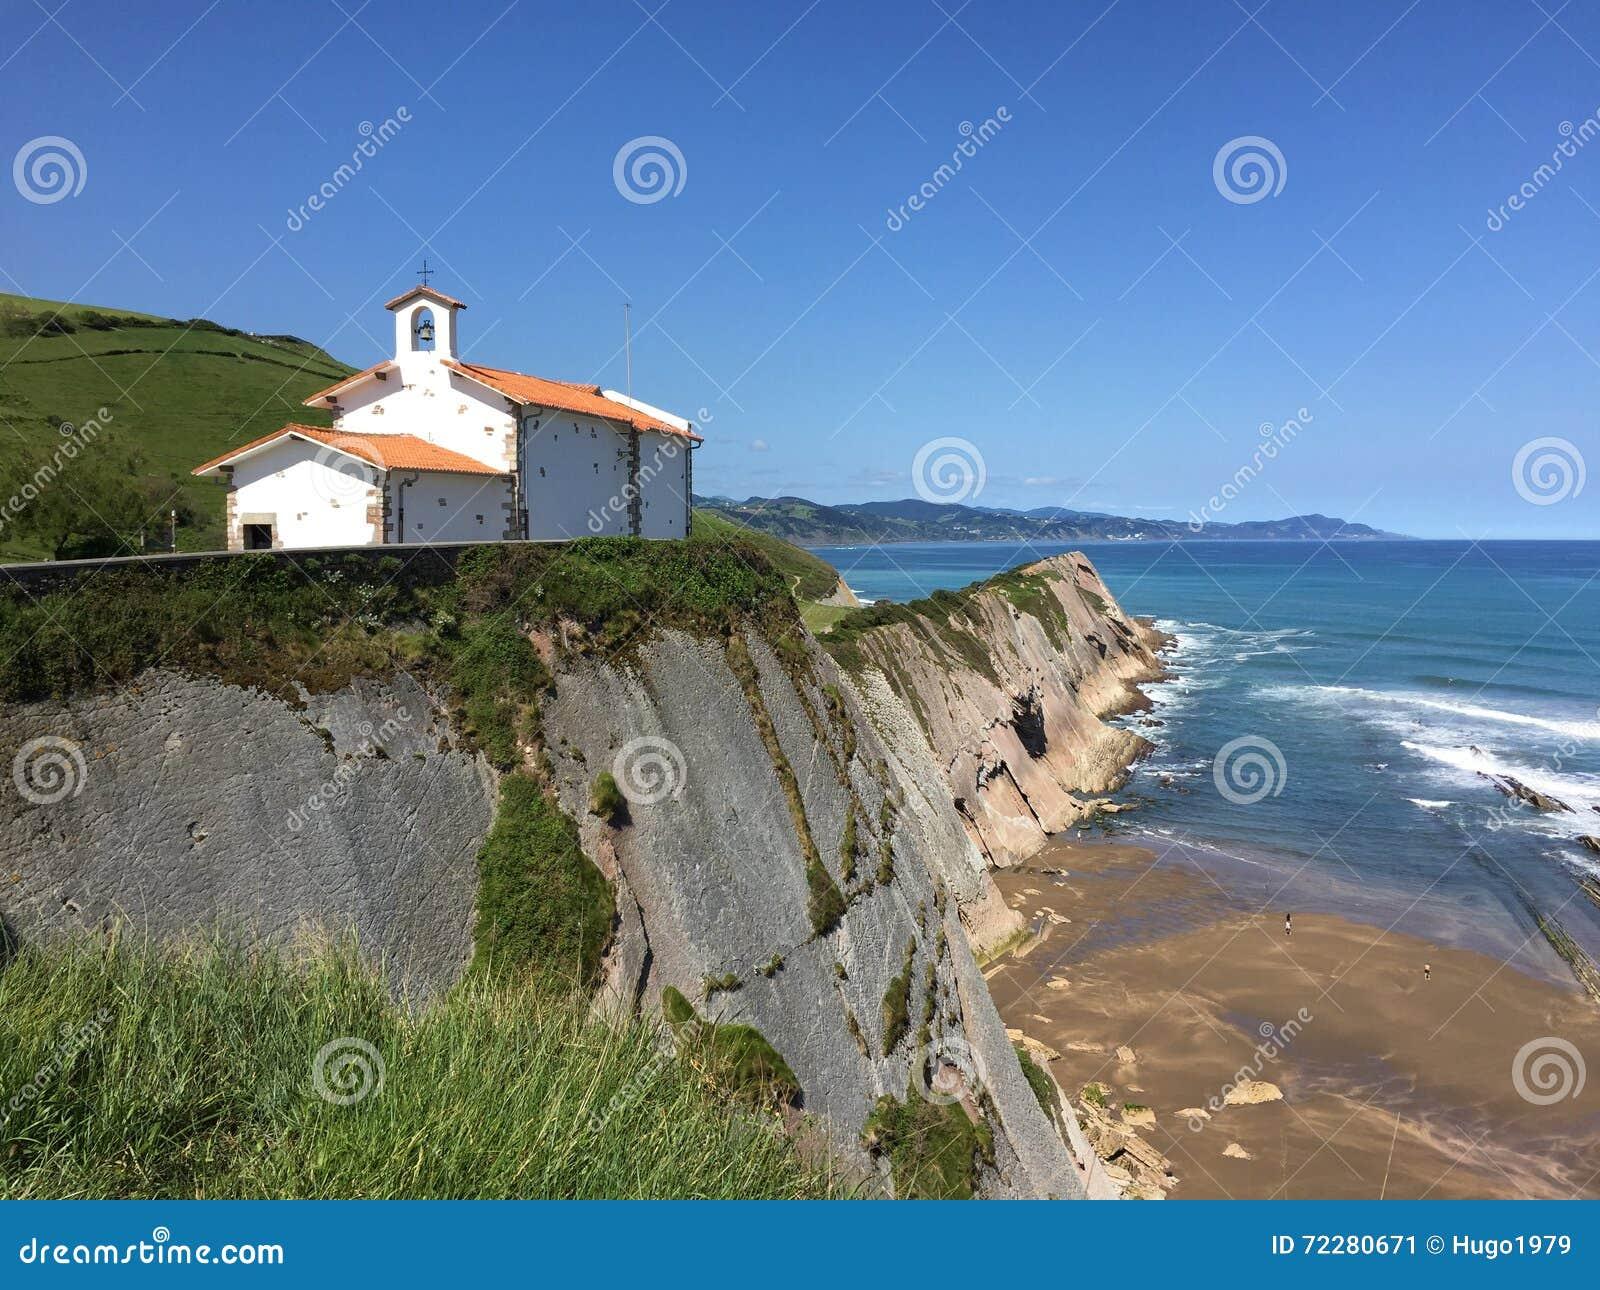 Download Старая церковь на скале стоковое изображение. изображение насчитывающей испания - 72280671